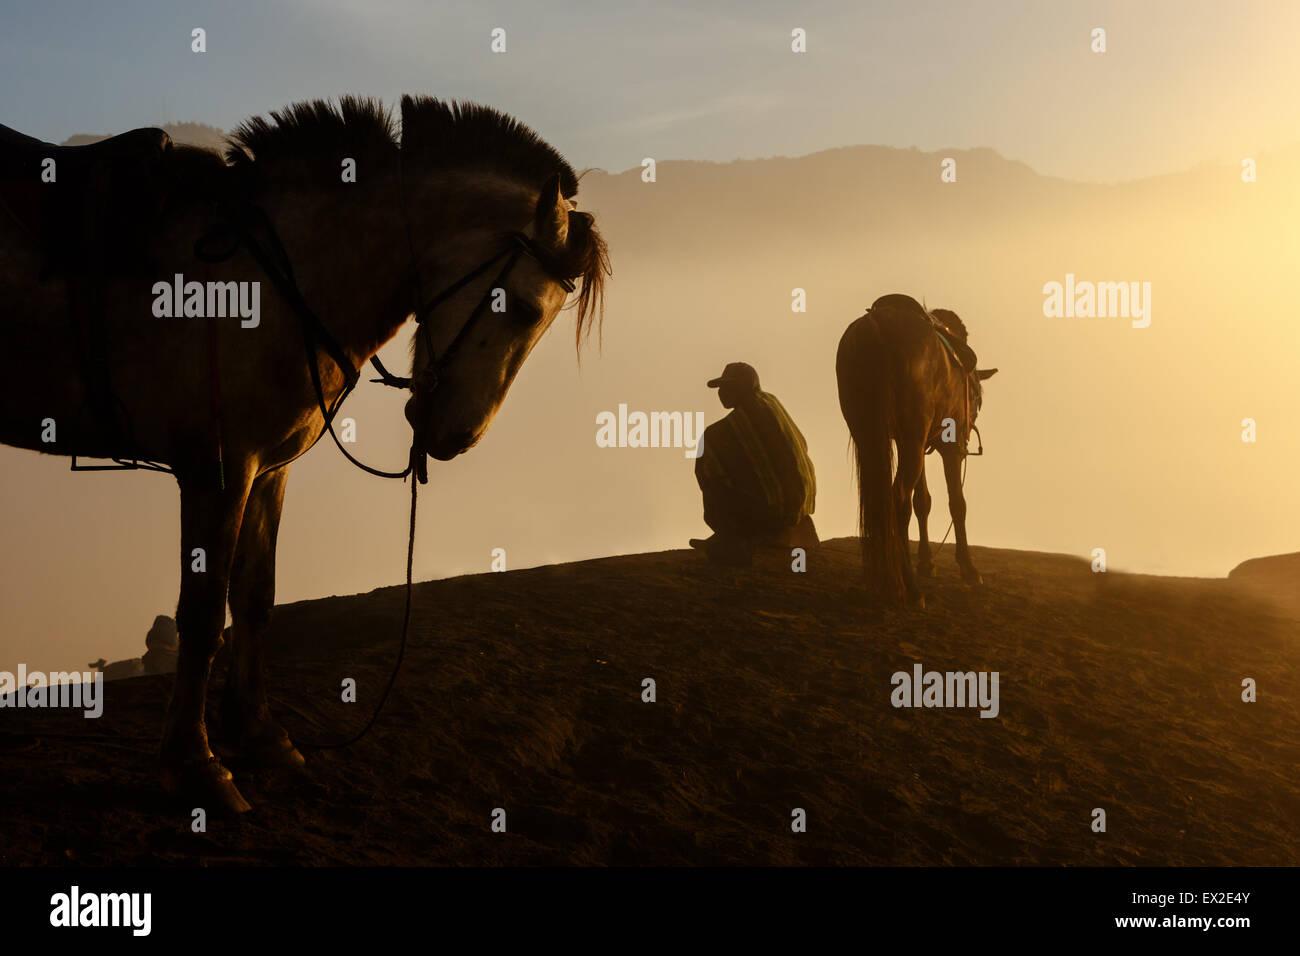 Silhouetten der Männer und der Pferde auf dem Hügel mit nebligen Atmosphäre Stockbild